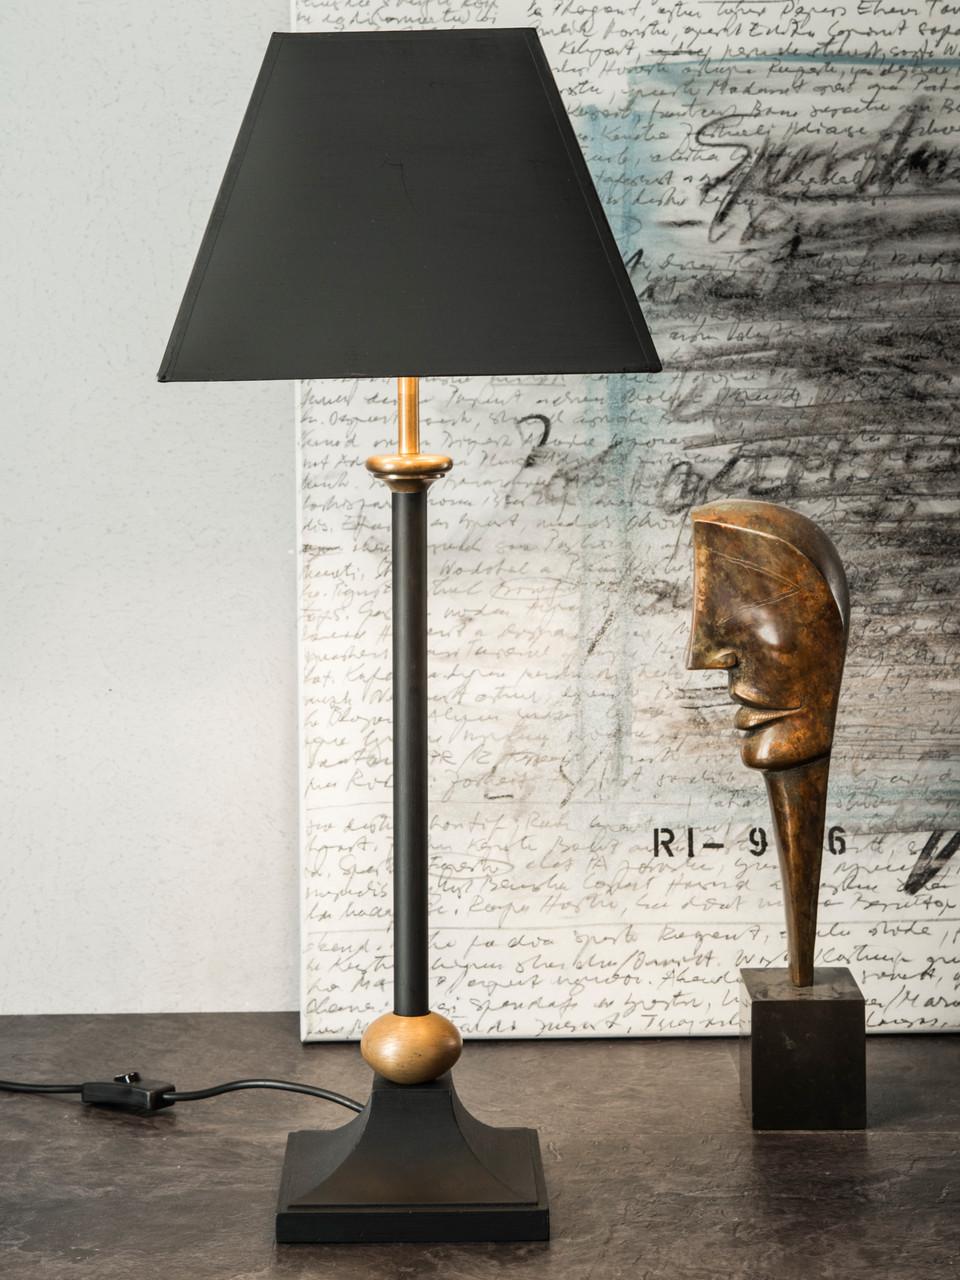 Tischleuchte, Fuß Holz, schwarz lackiert mit Messingelementen, Schirm, schwarz/gold